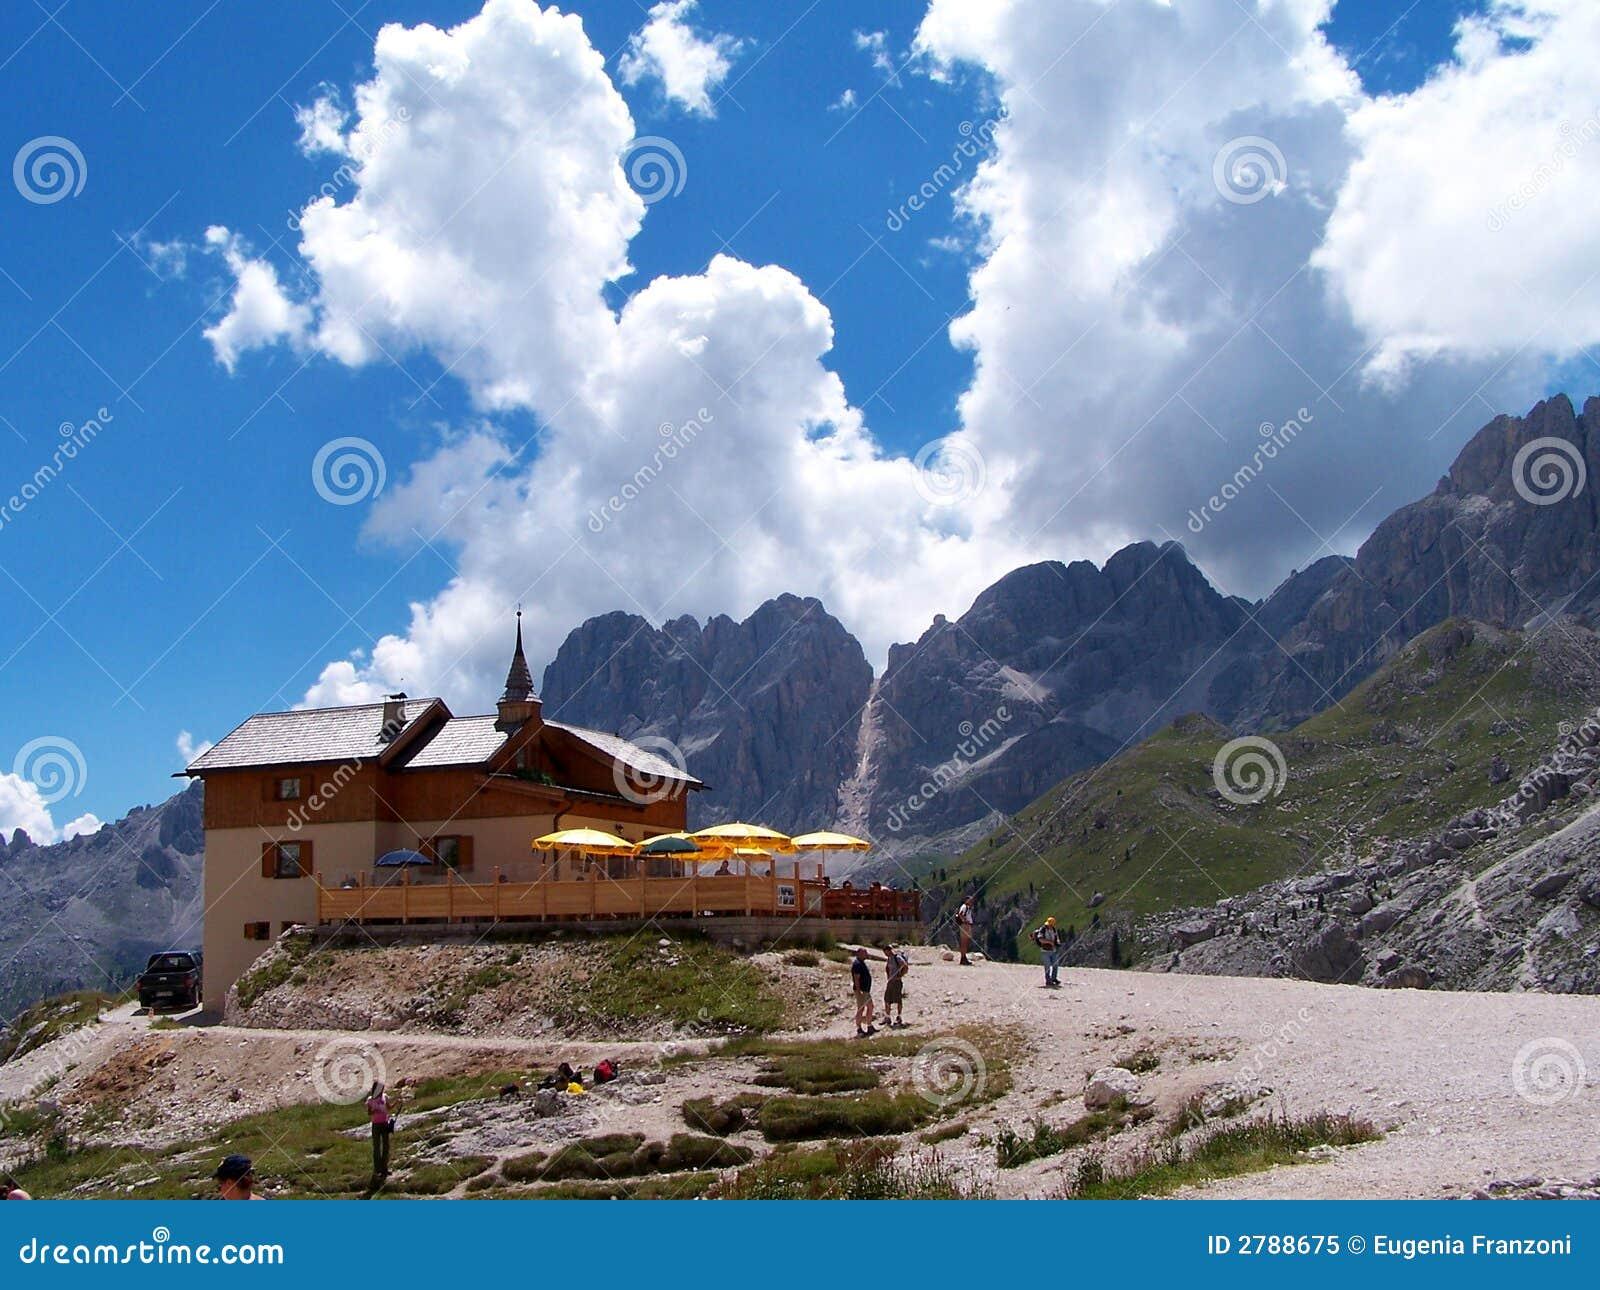 Alpine mountain hut in summer